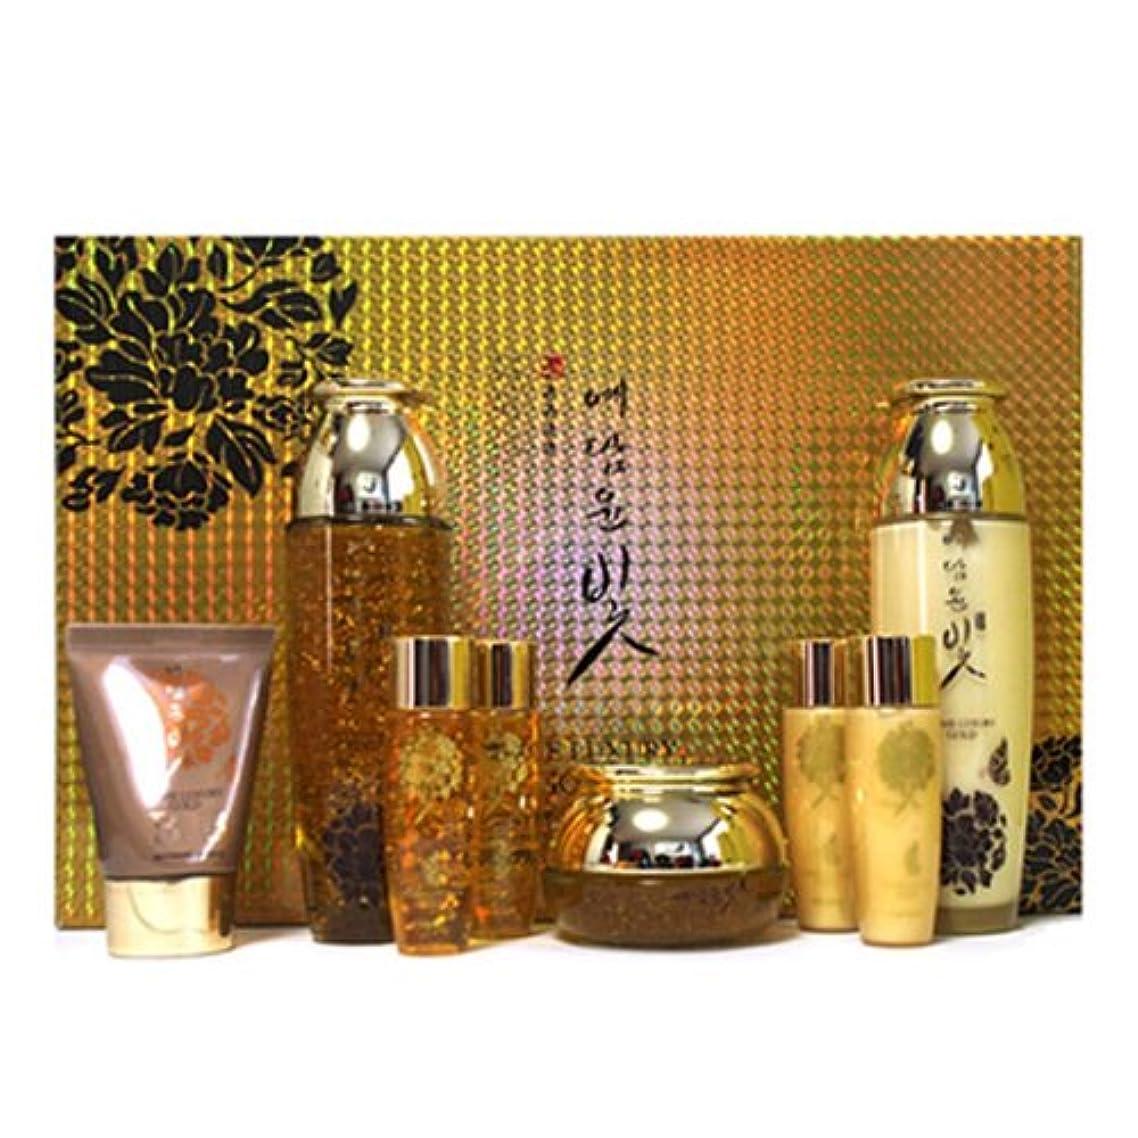 在庫避難するブローホールイェダムユンビト[韓国コスメYedam Yun Bit]Prime Luxury Gold Skin Care Set プライムラグジュアリーゴールドスキンケア4セット 樹液 乳液 クリーム/ BBクリーム [並行輸入品]